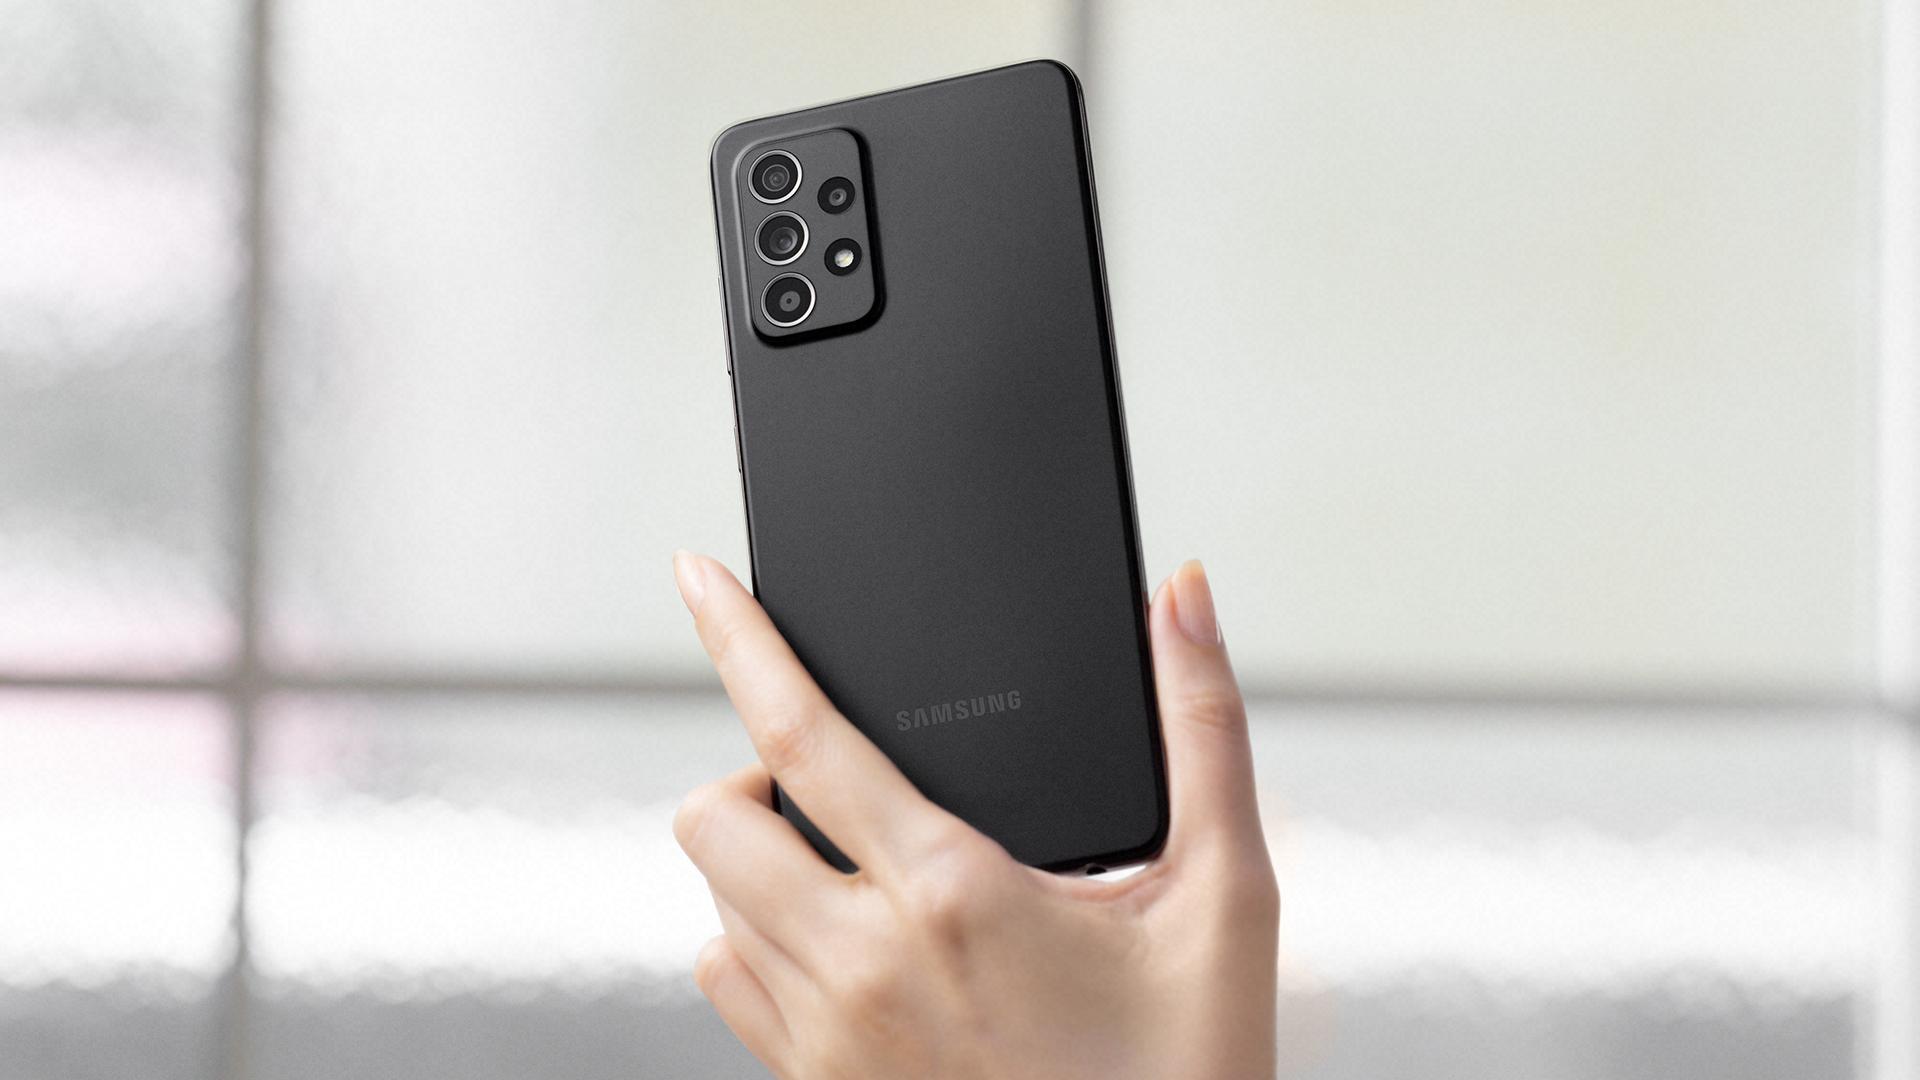 Samsung Galaxy A52 или Galaxy A51. Обновляться или нет?